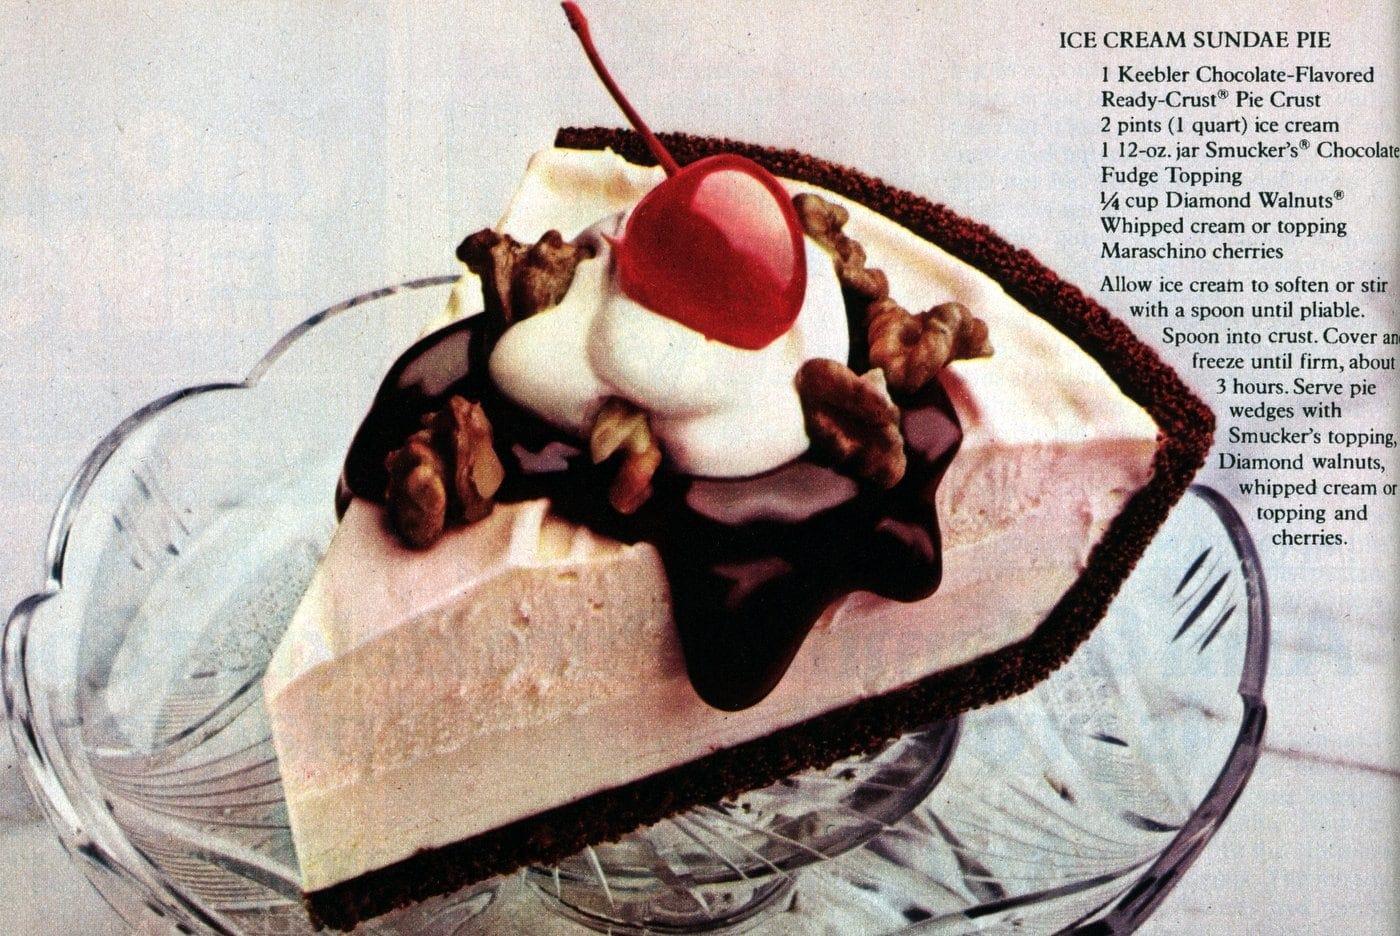 Ice cream sundae pie recipe (1982)